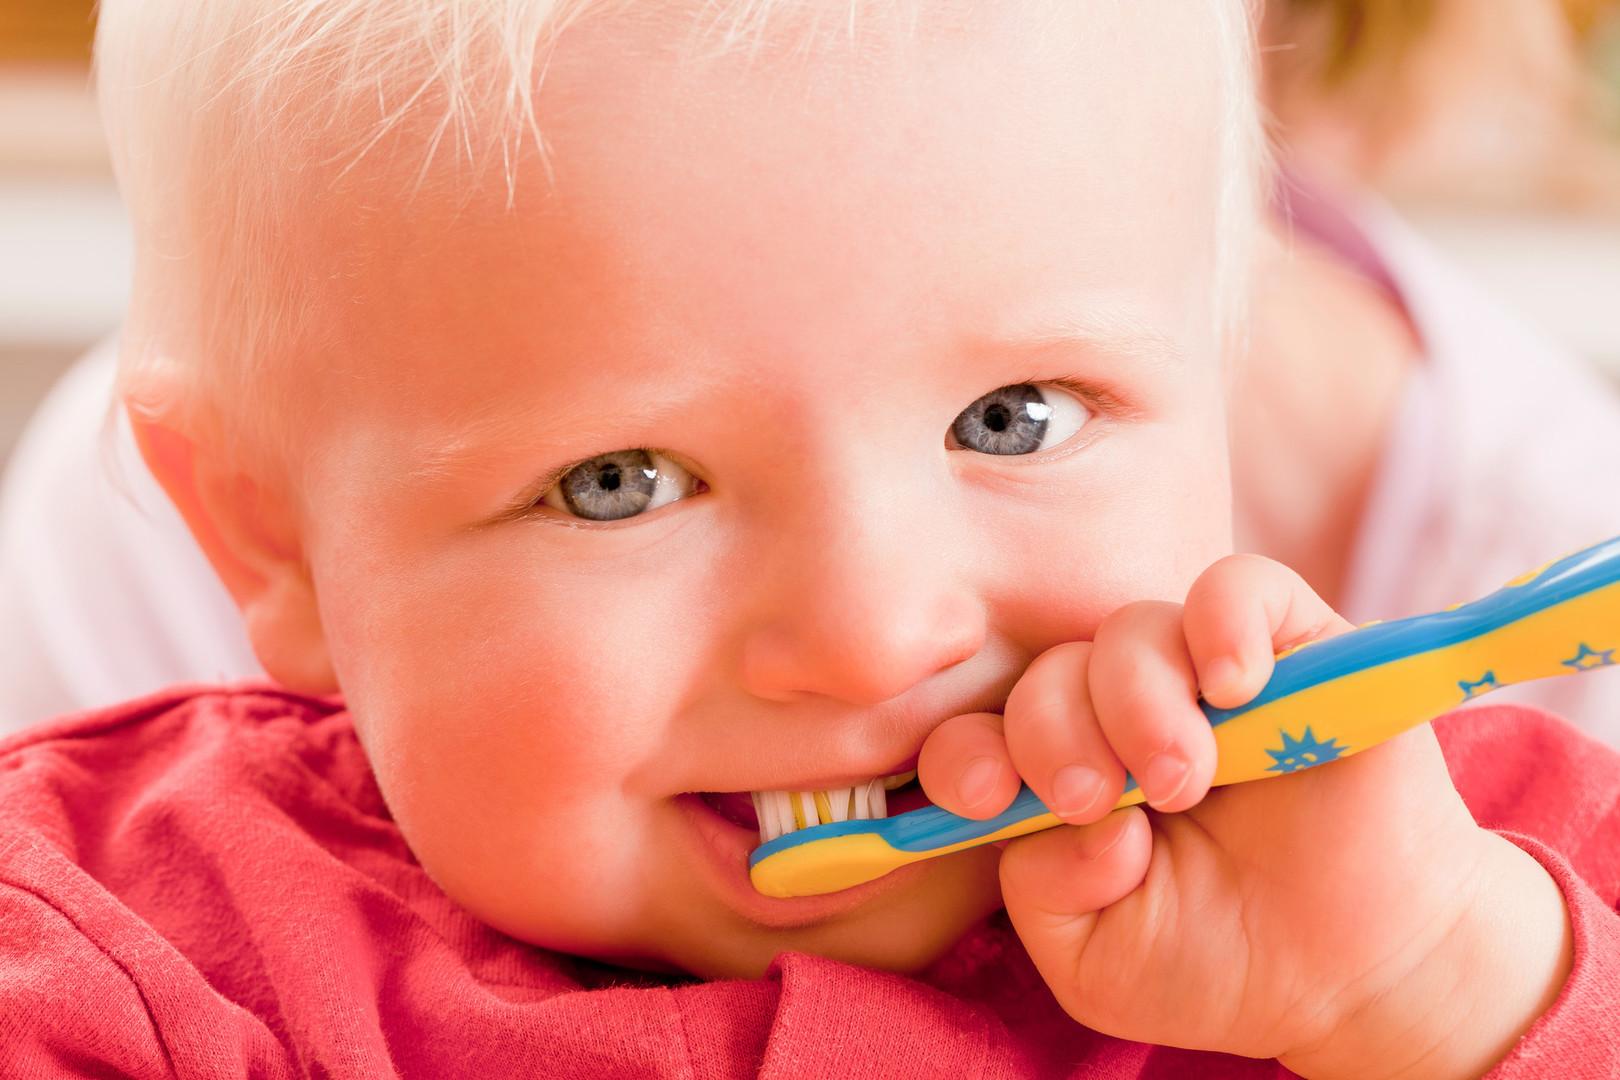 Kleinkinder Zahnarzt - Mund-Kiefer-Gesichtschirurgie Dorsten